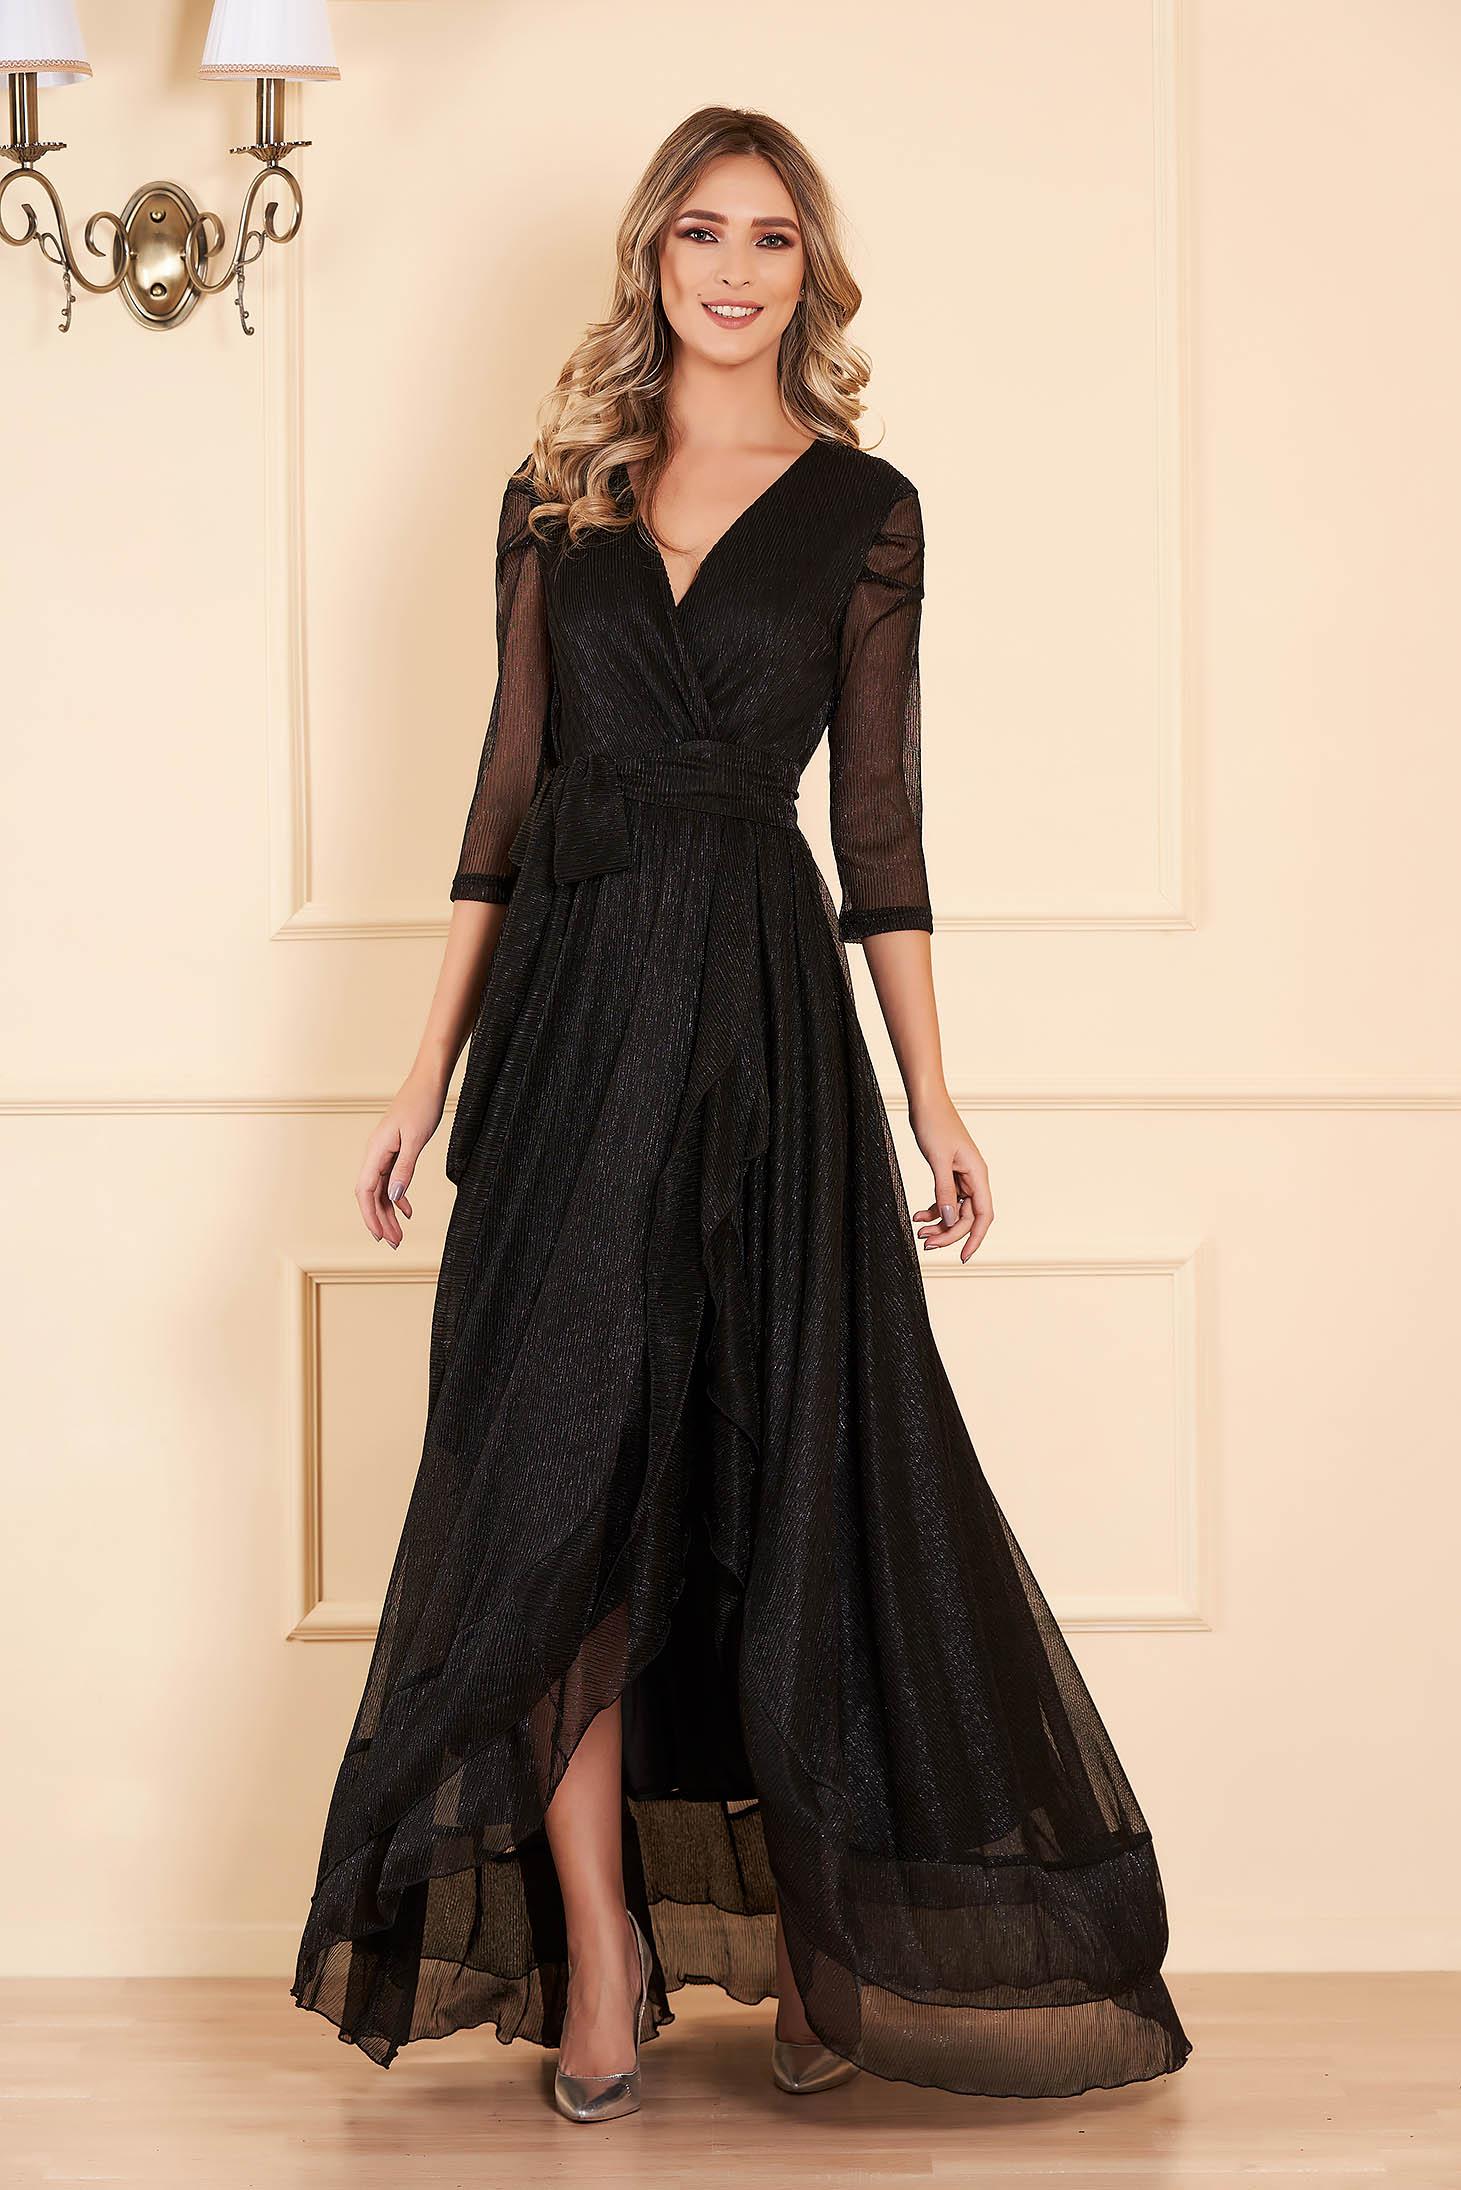 Rochie neagra de ocazie din material lucios cu fir lame captusita pe interior accesorizata cu cordon